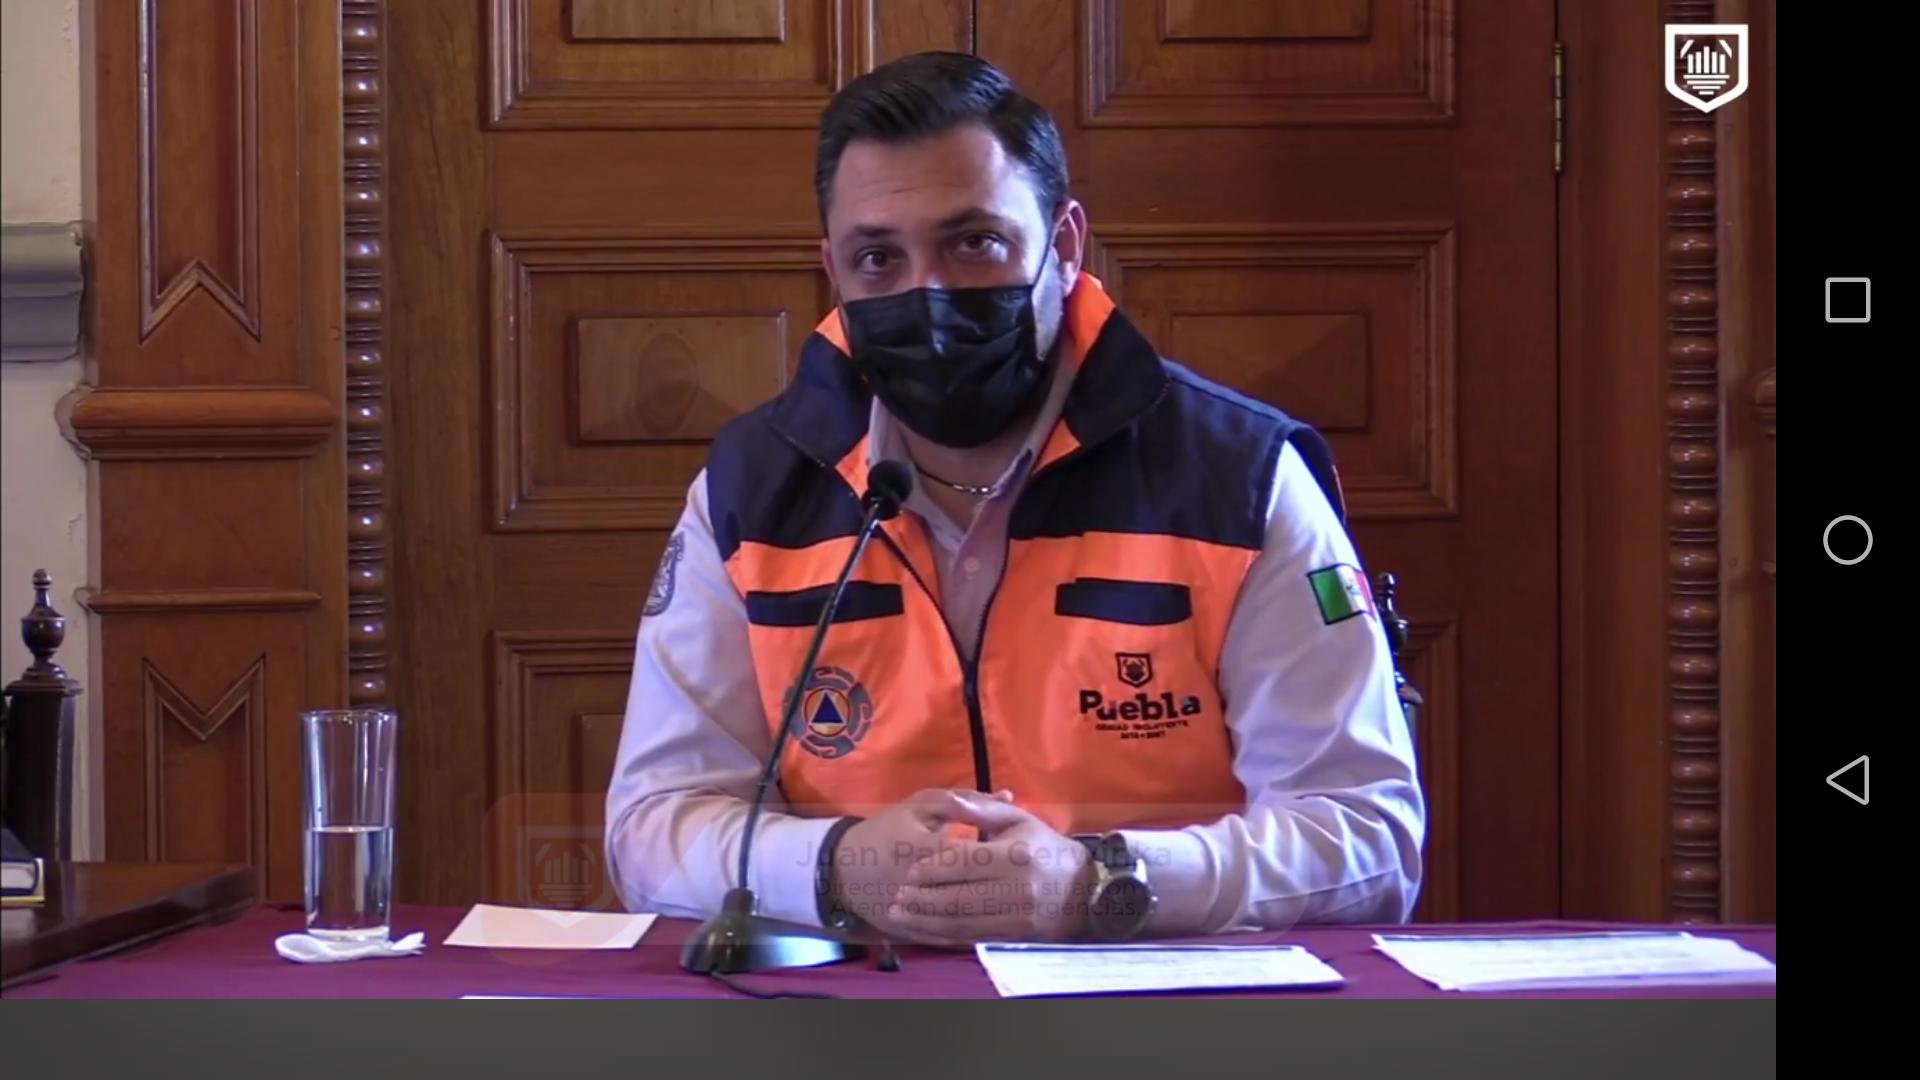 Protección Civil municipal retiró gente de 3 panteones y desactivó 5 fiestas particulares: Juan Pablo Cerwinka